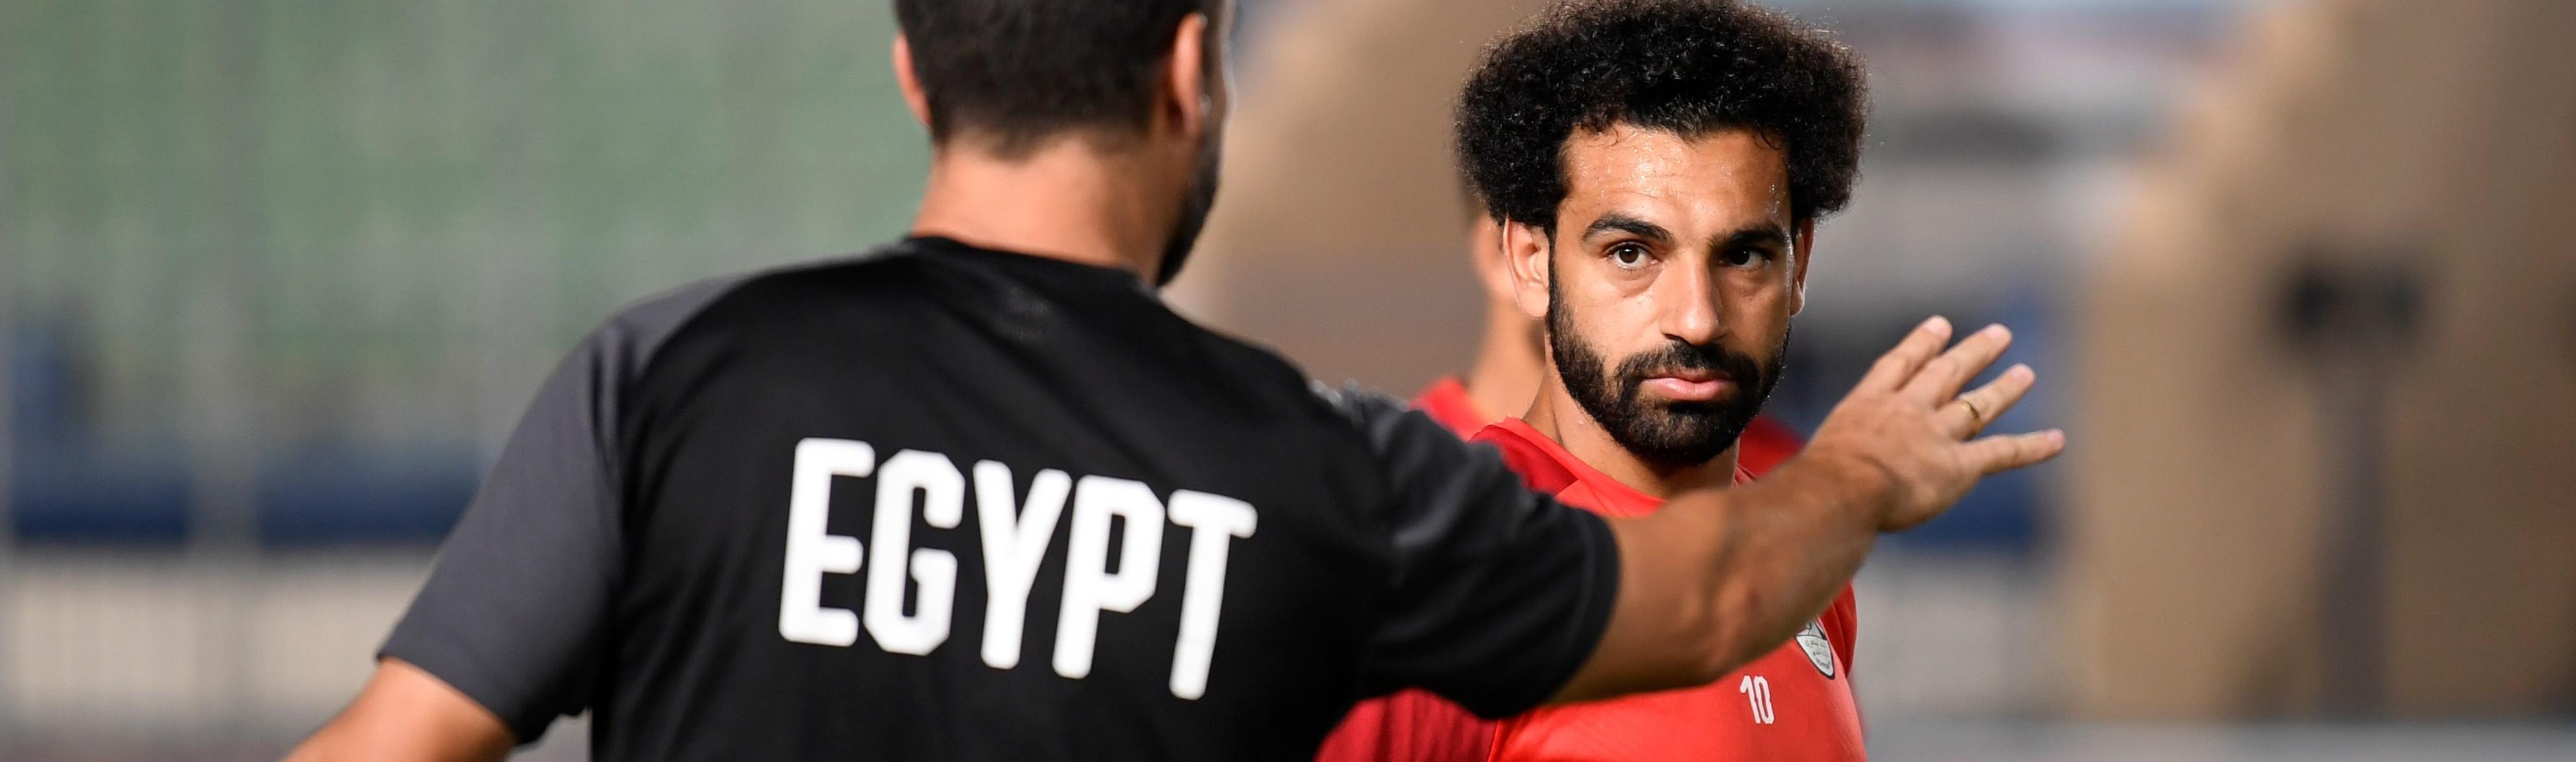 Coppa d'Africa 2019: le favorite e i giocatori da tenere d'occhio